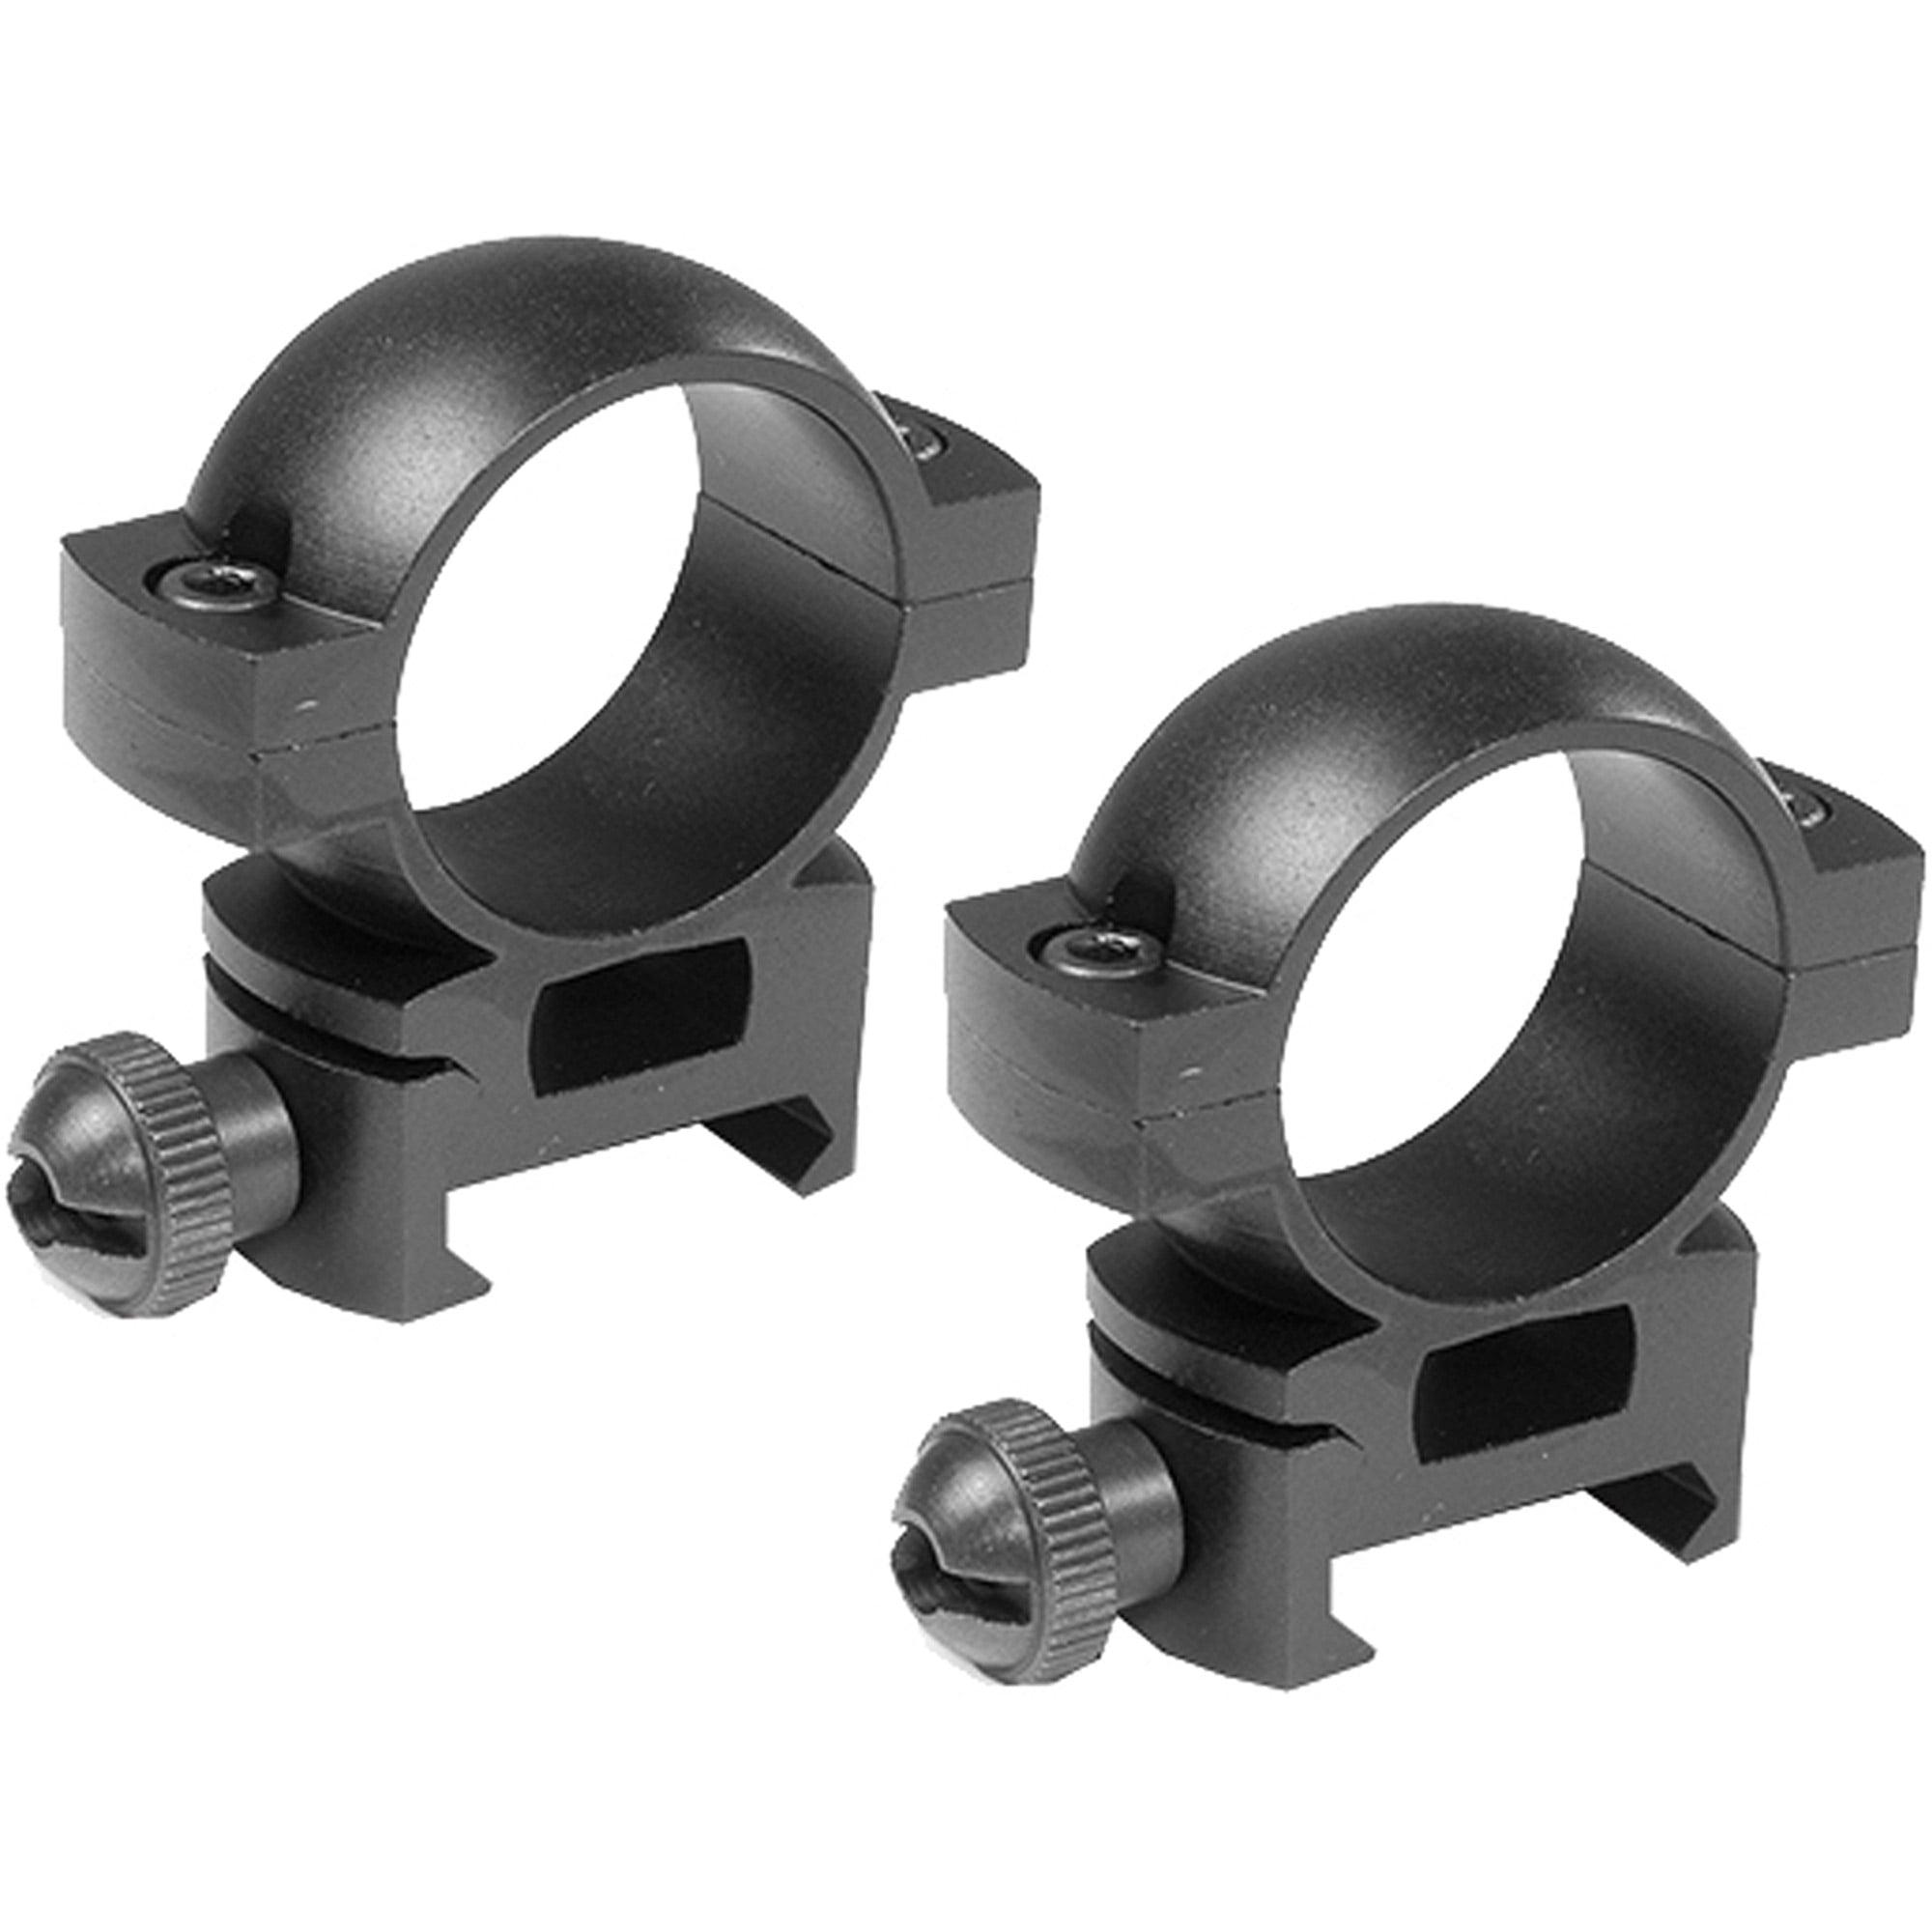 """Barska Optics 1"""" High Weaver Style Scope Rings"""